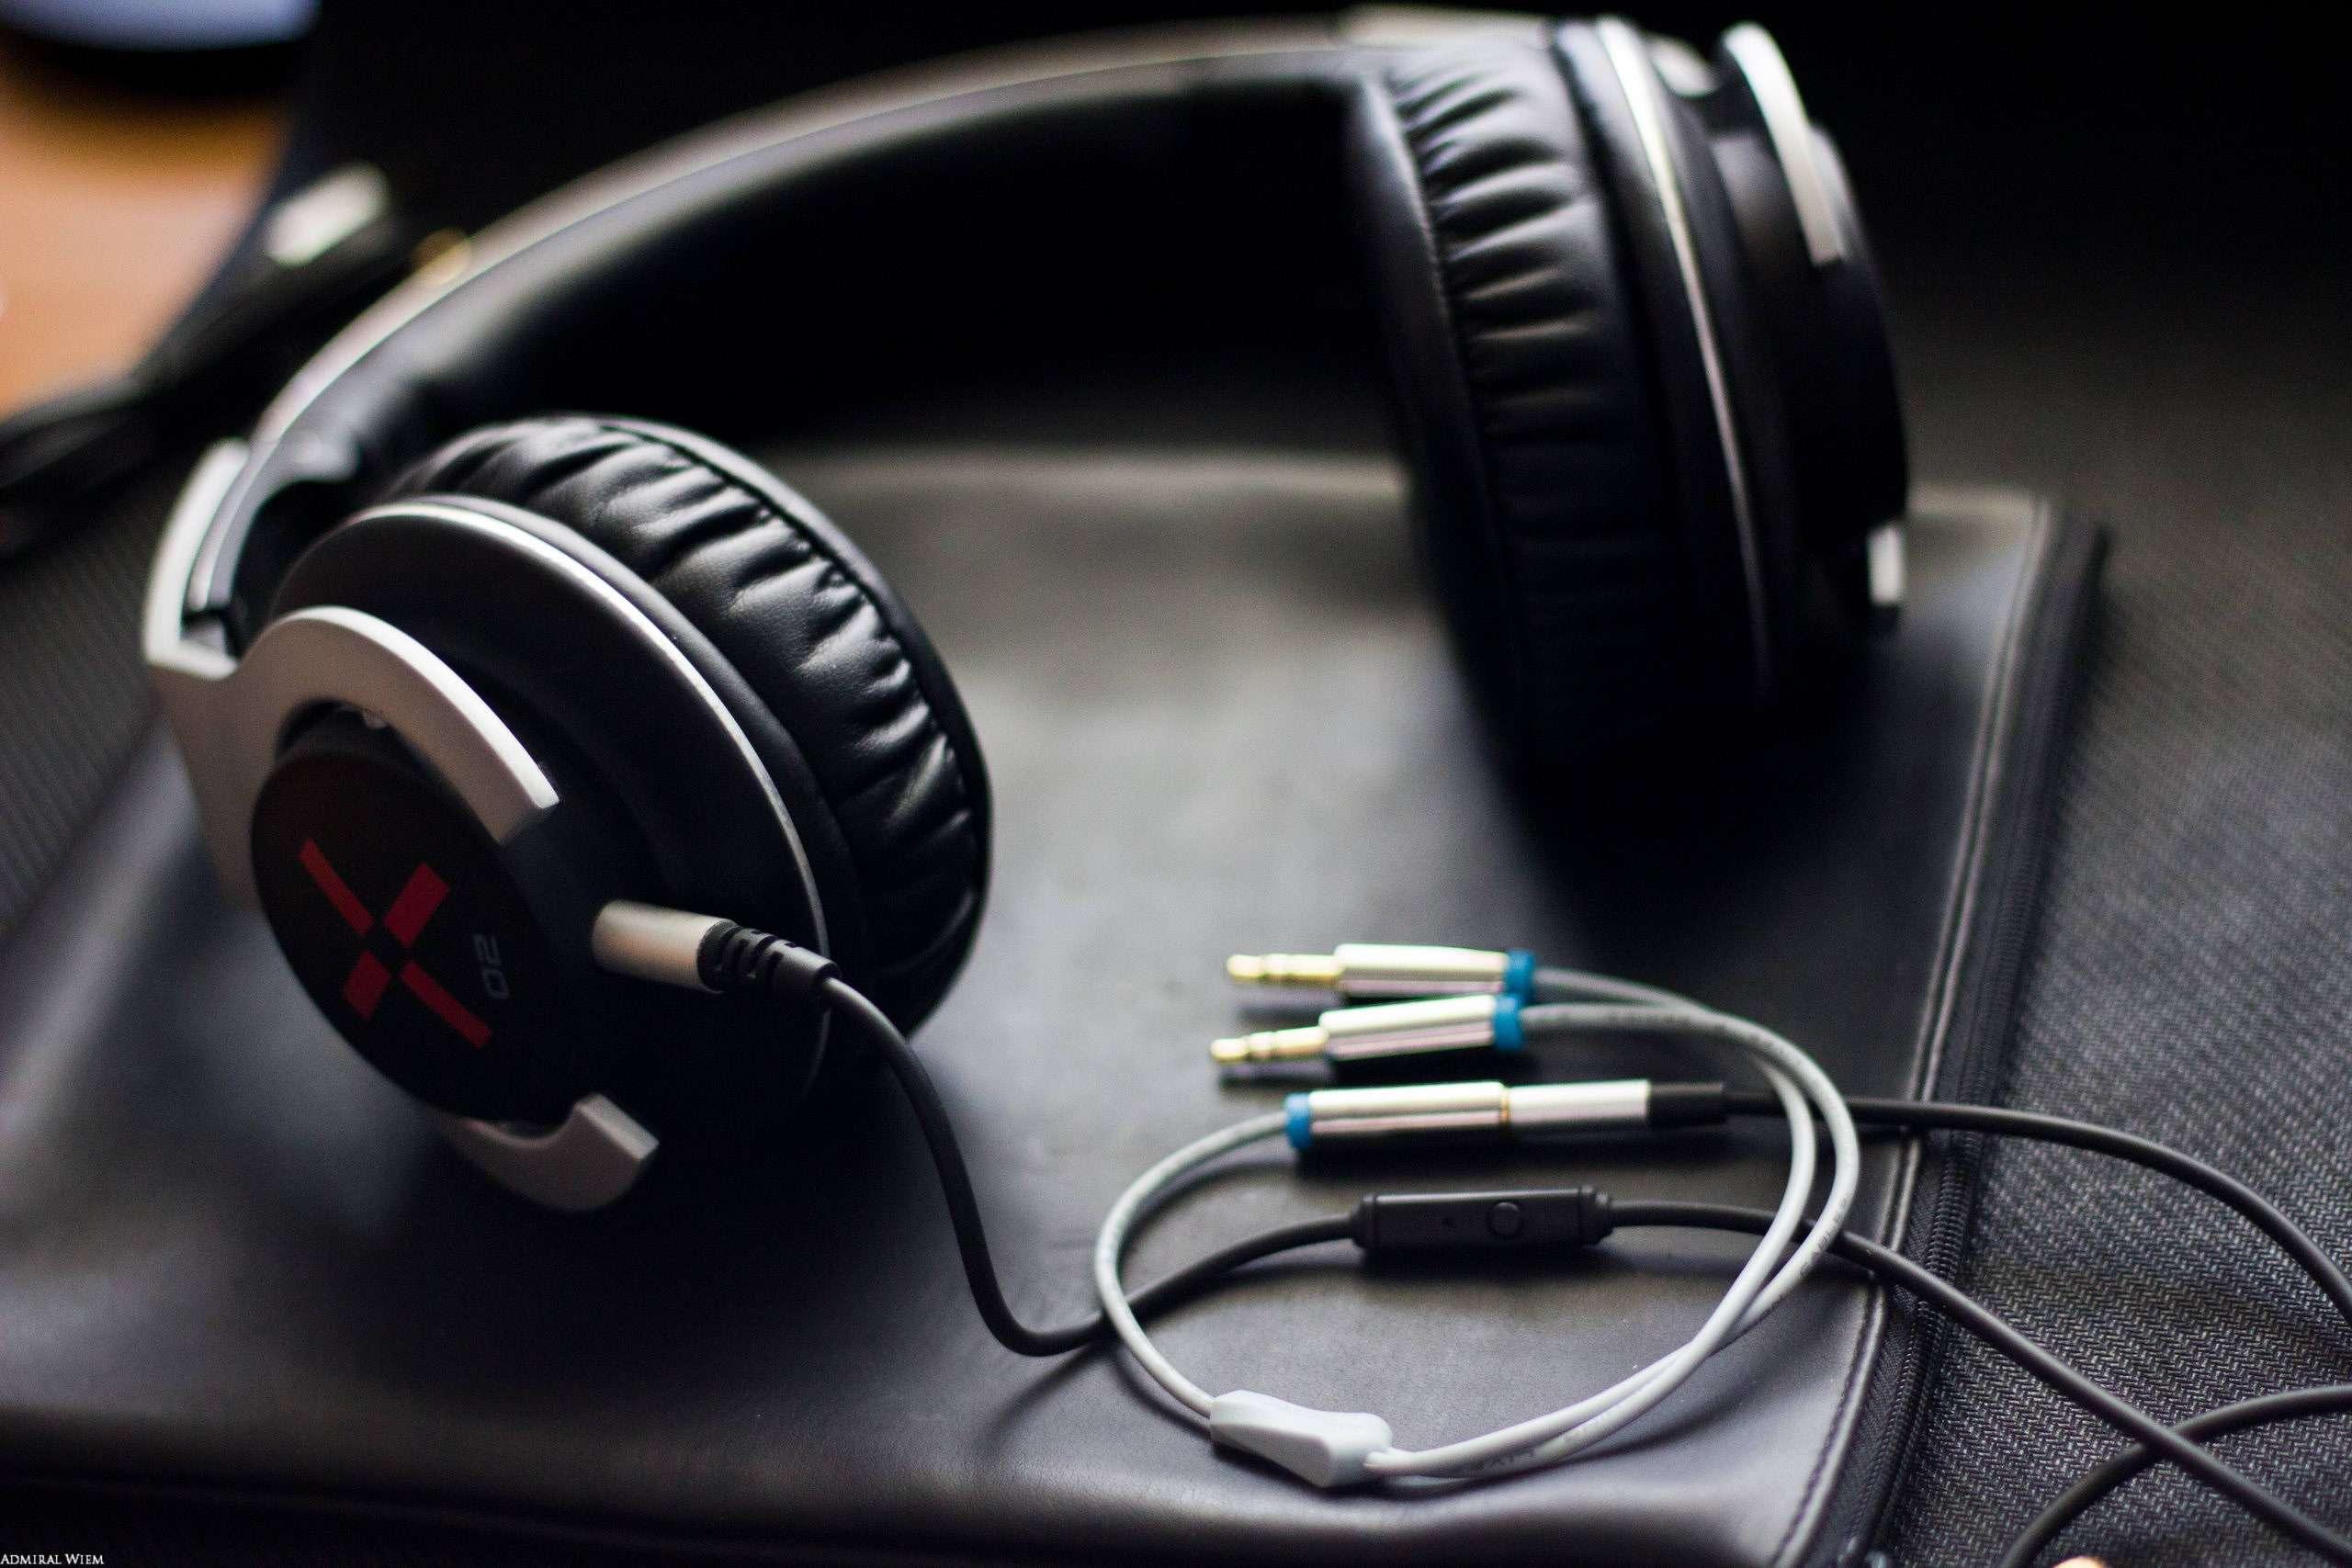 Yoga X-02 + vention vab-b10 splitter gaming headset